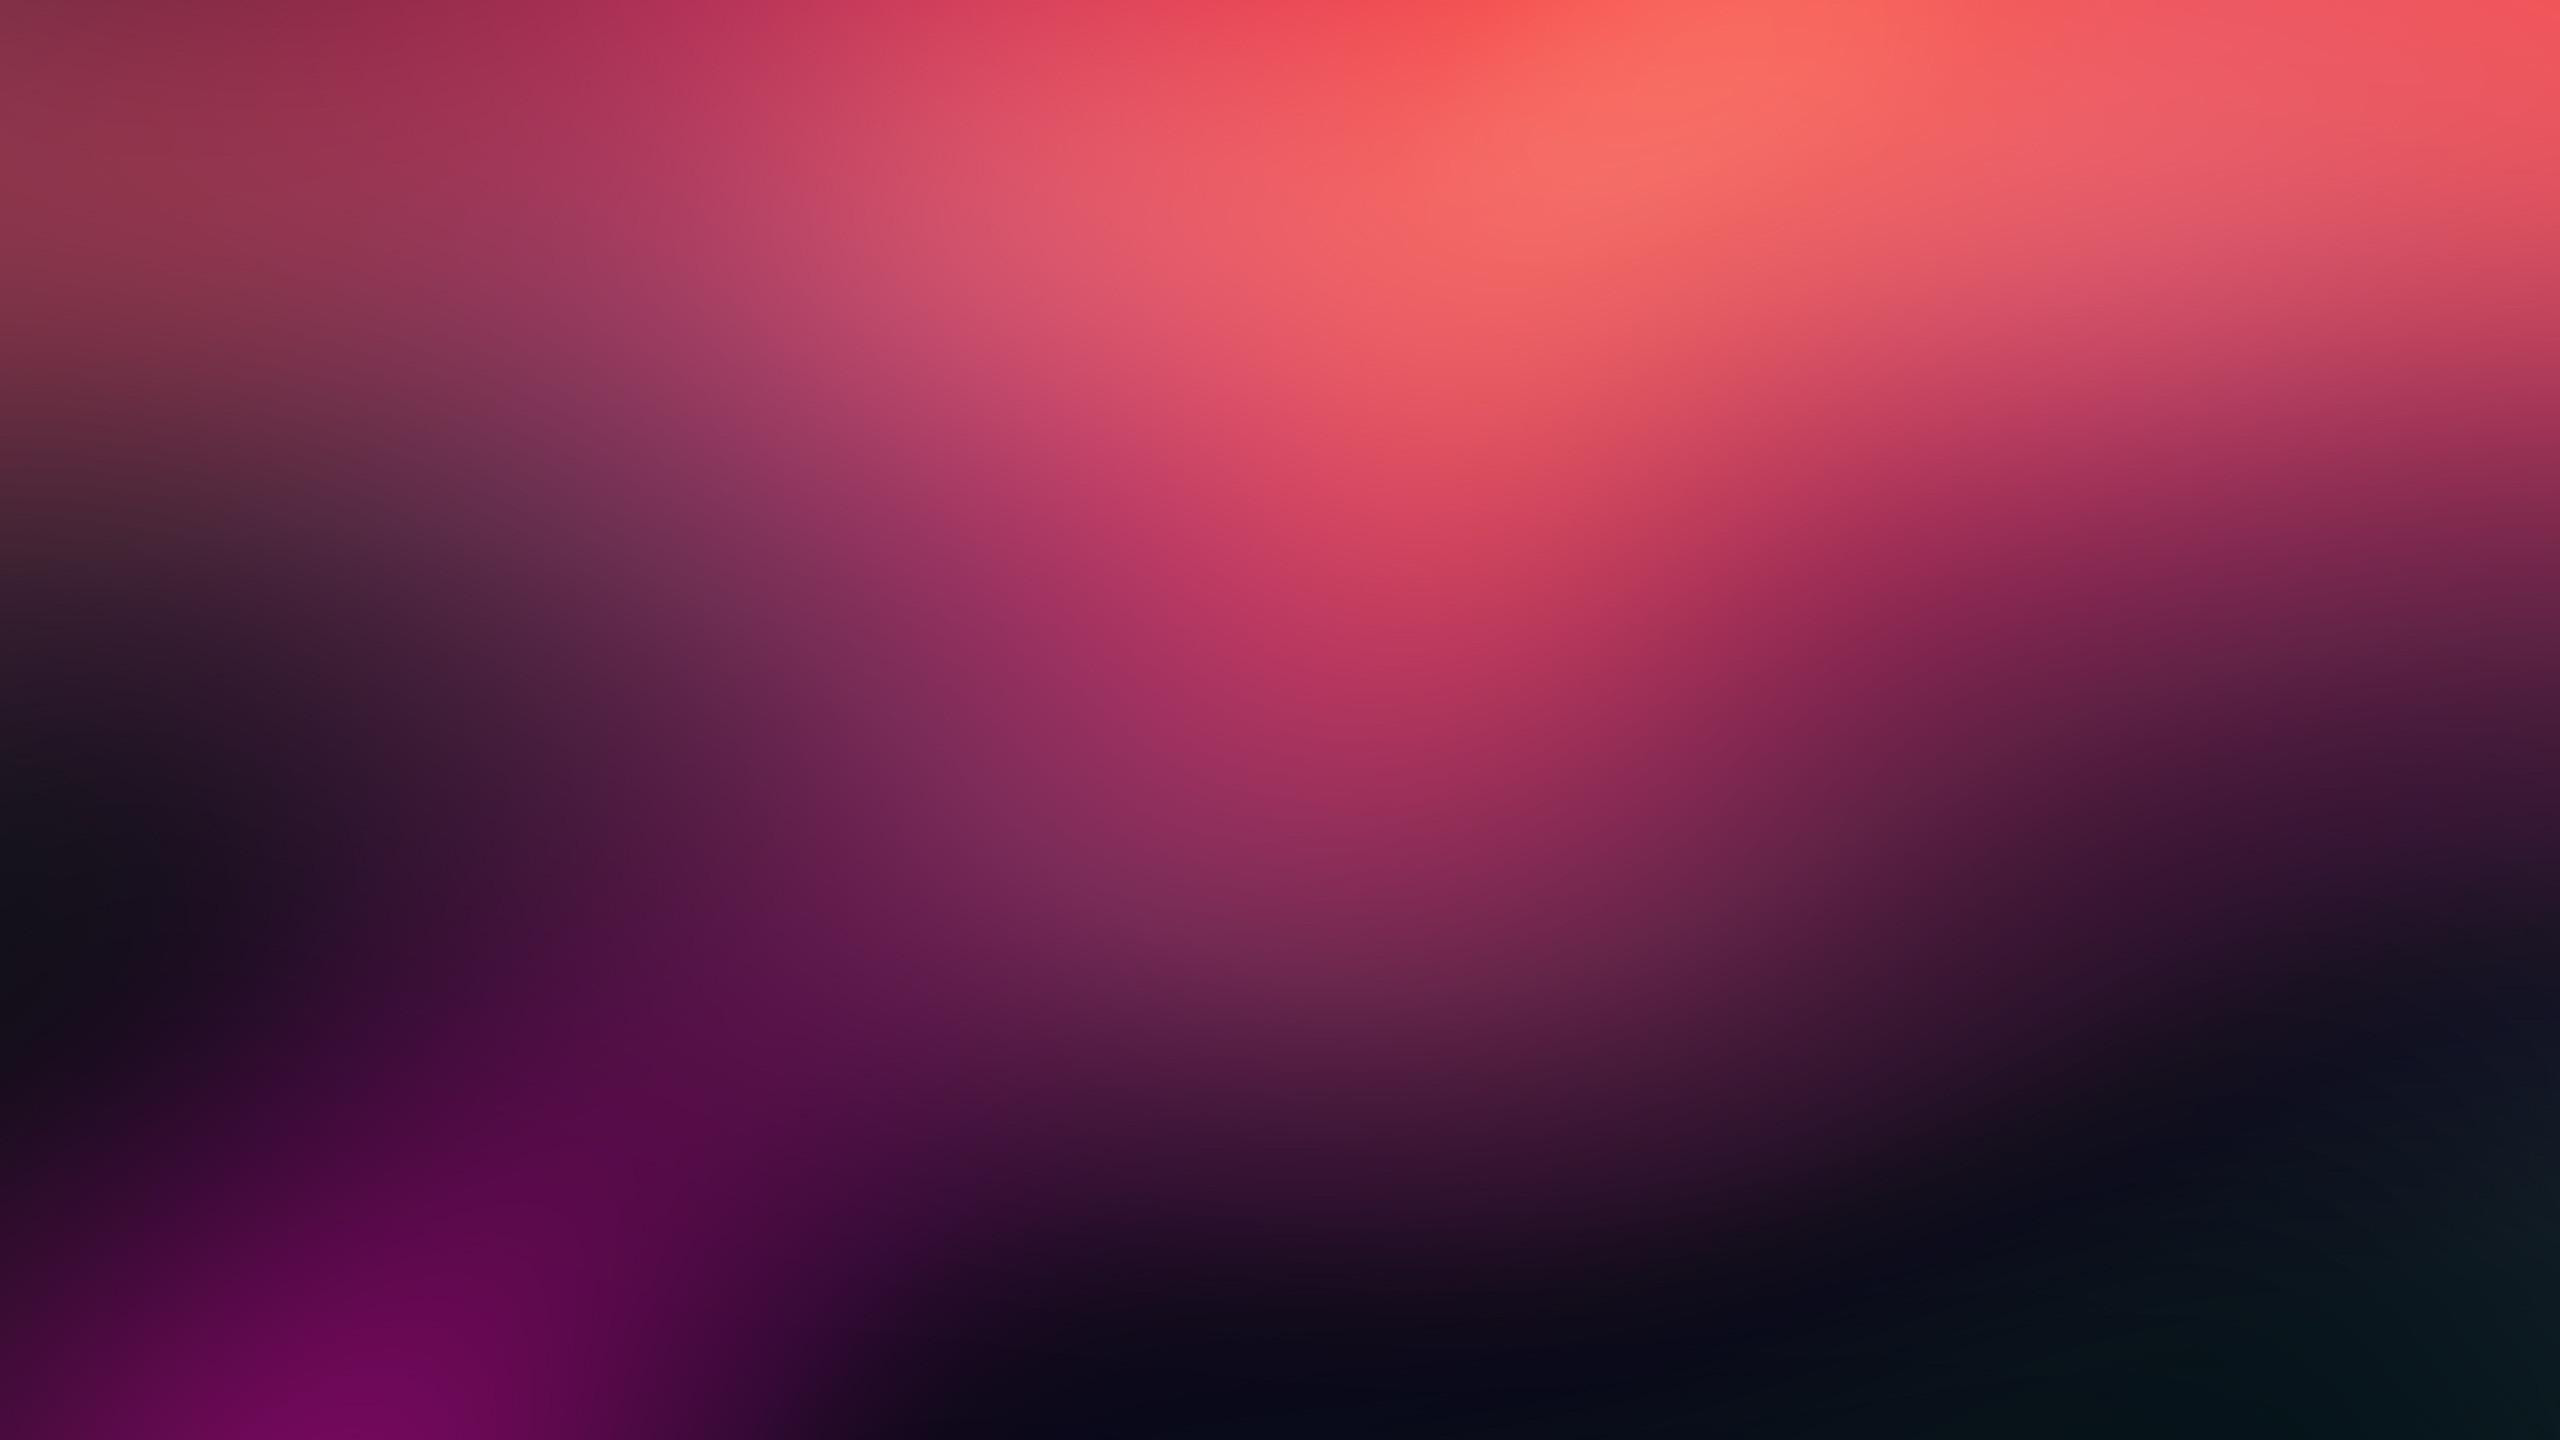 Magenta Wallpaper 29053